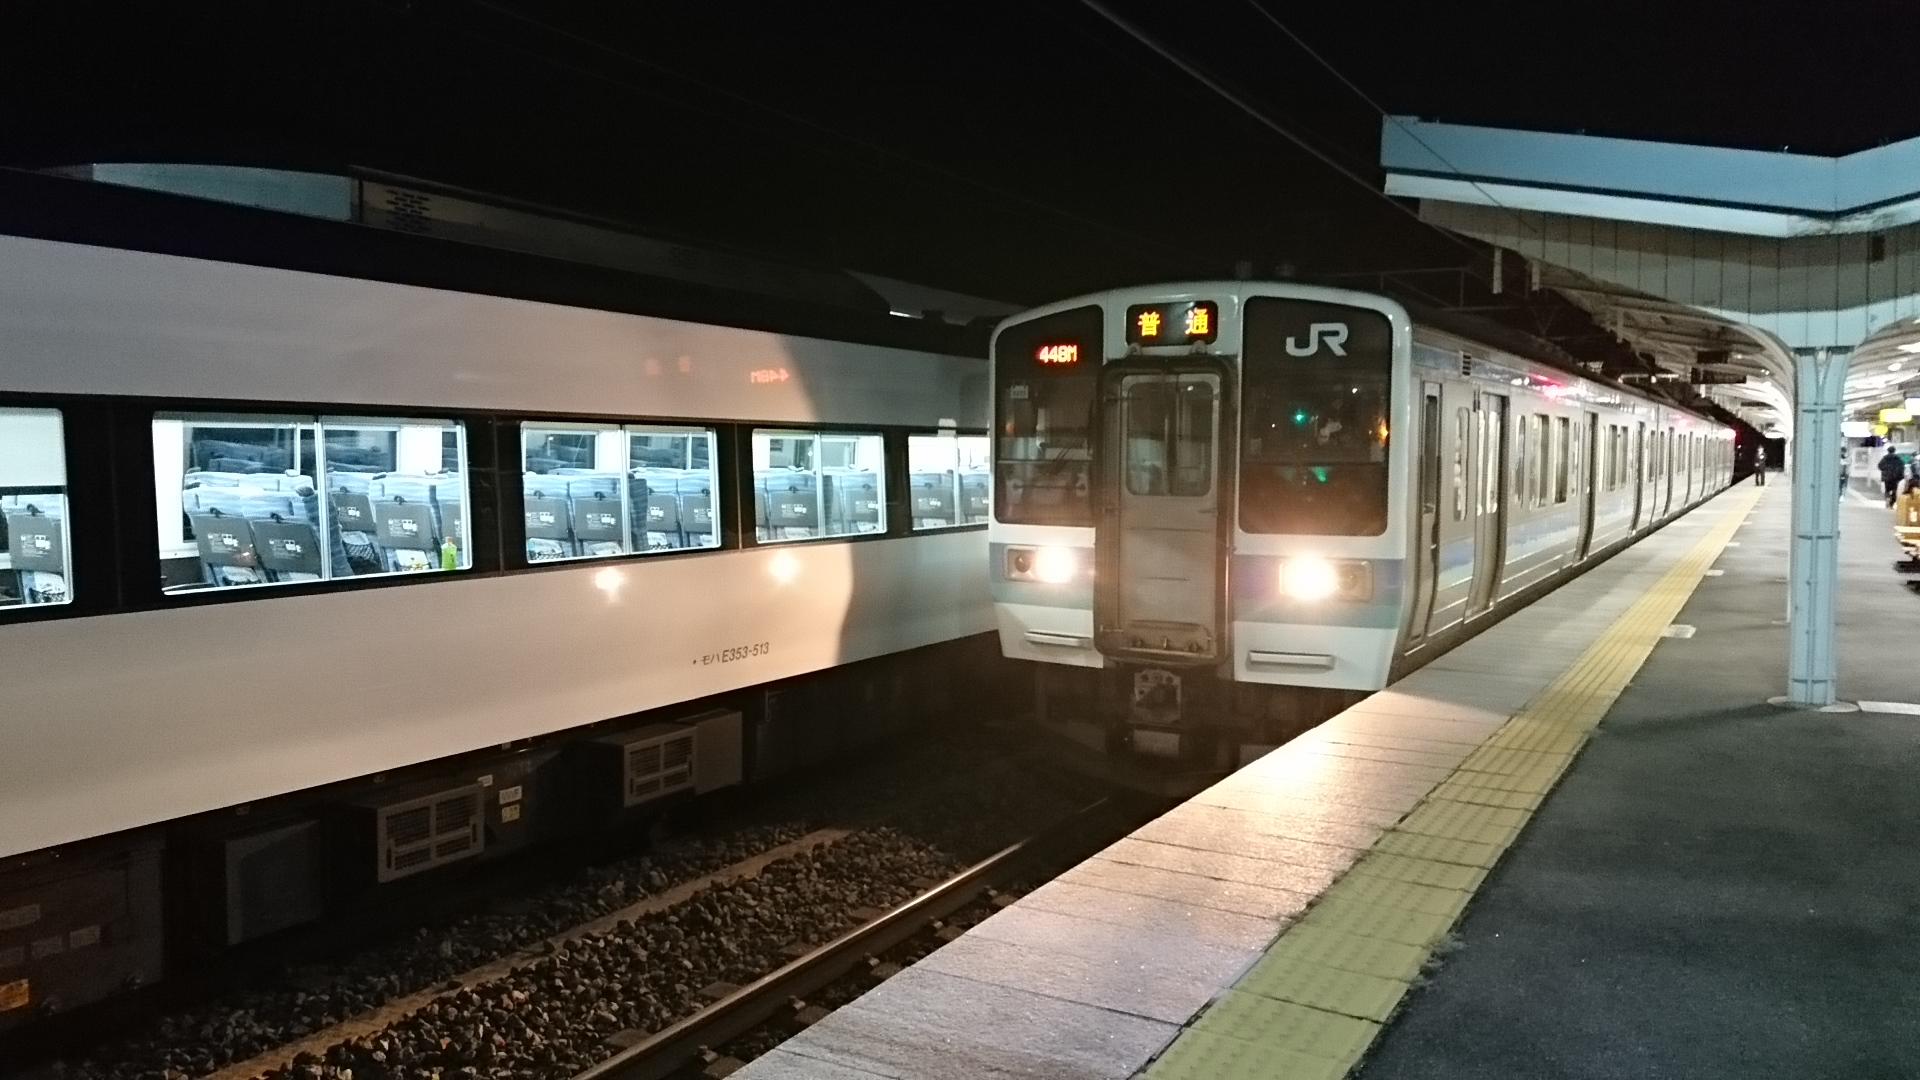 2019.1.24 (331) 下諏訪 - 甲府いきふつう 1920-1080